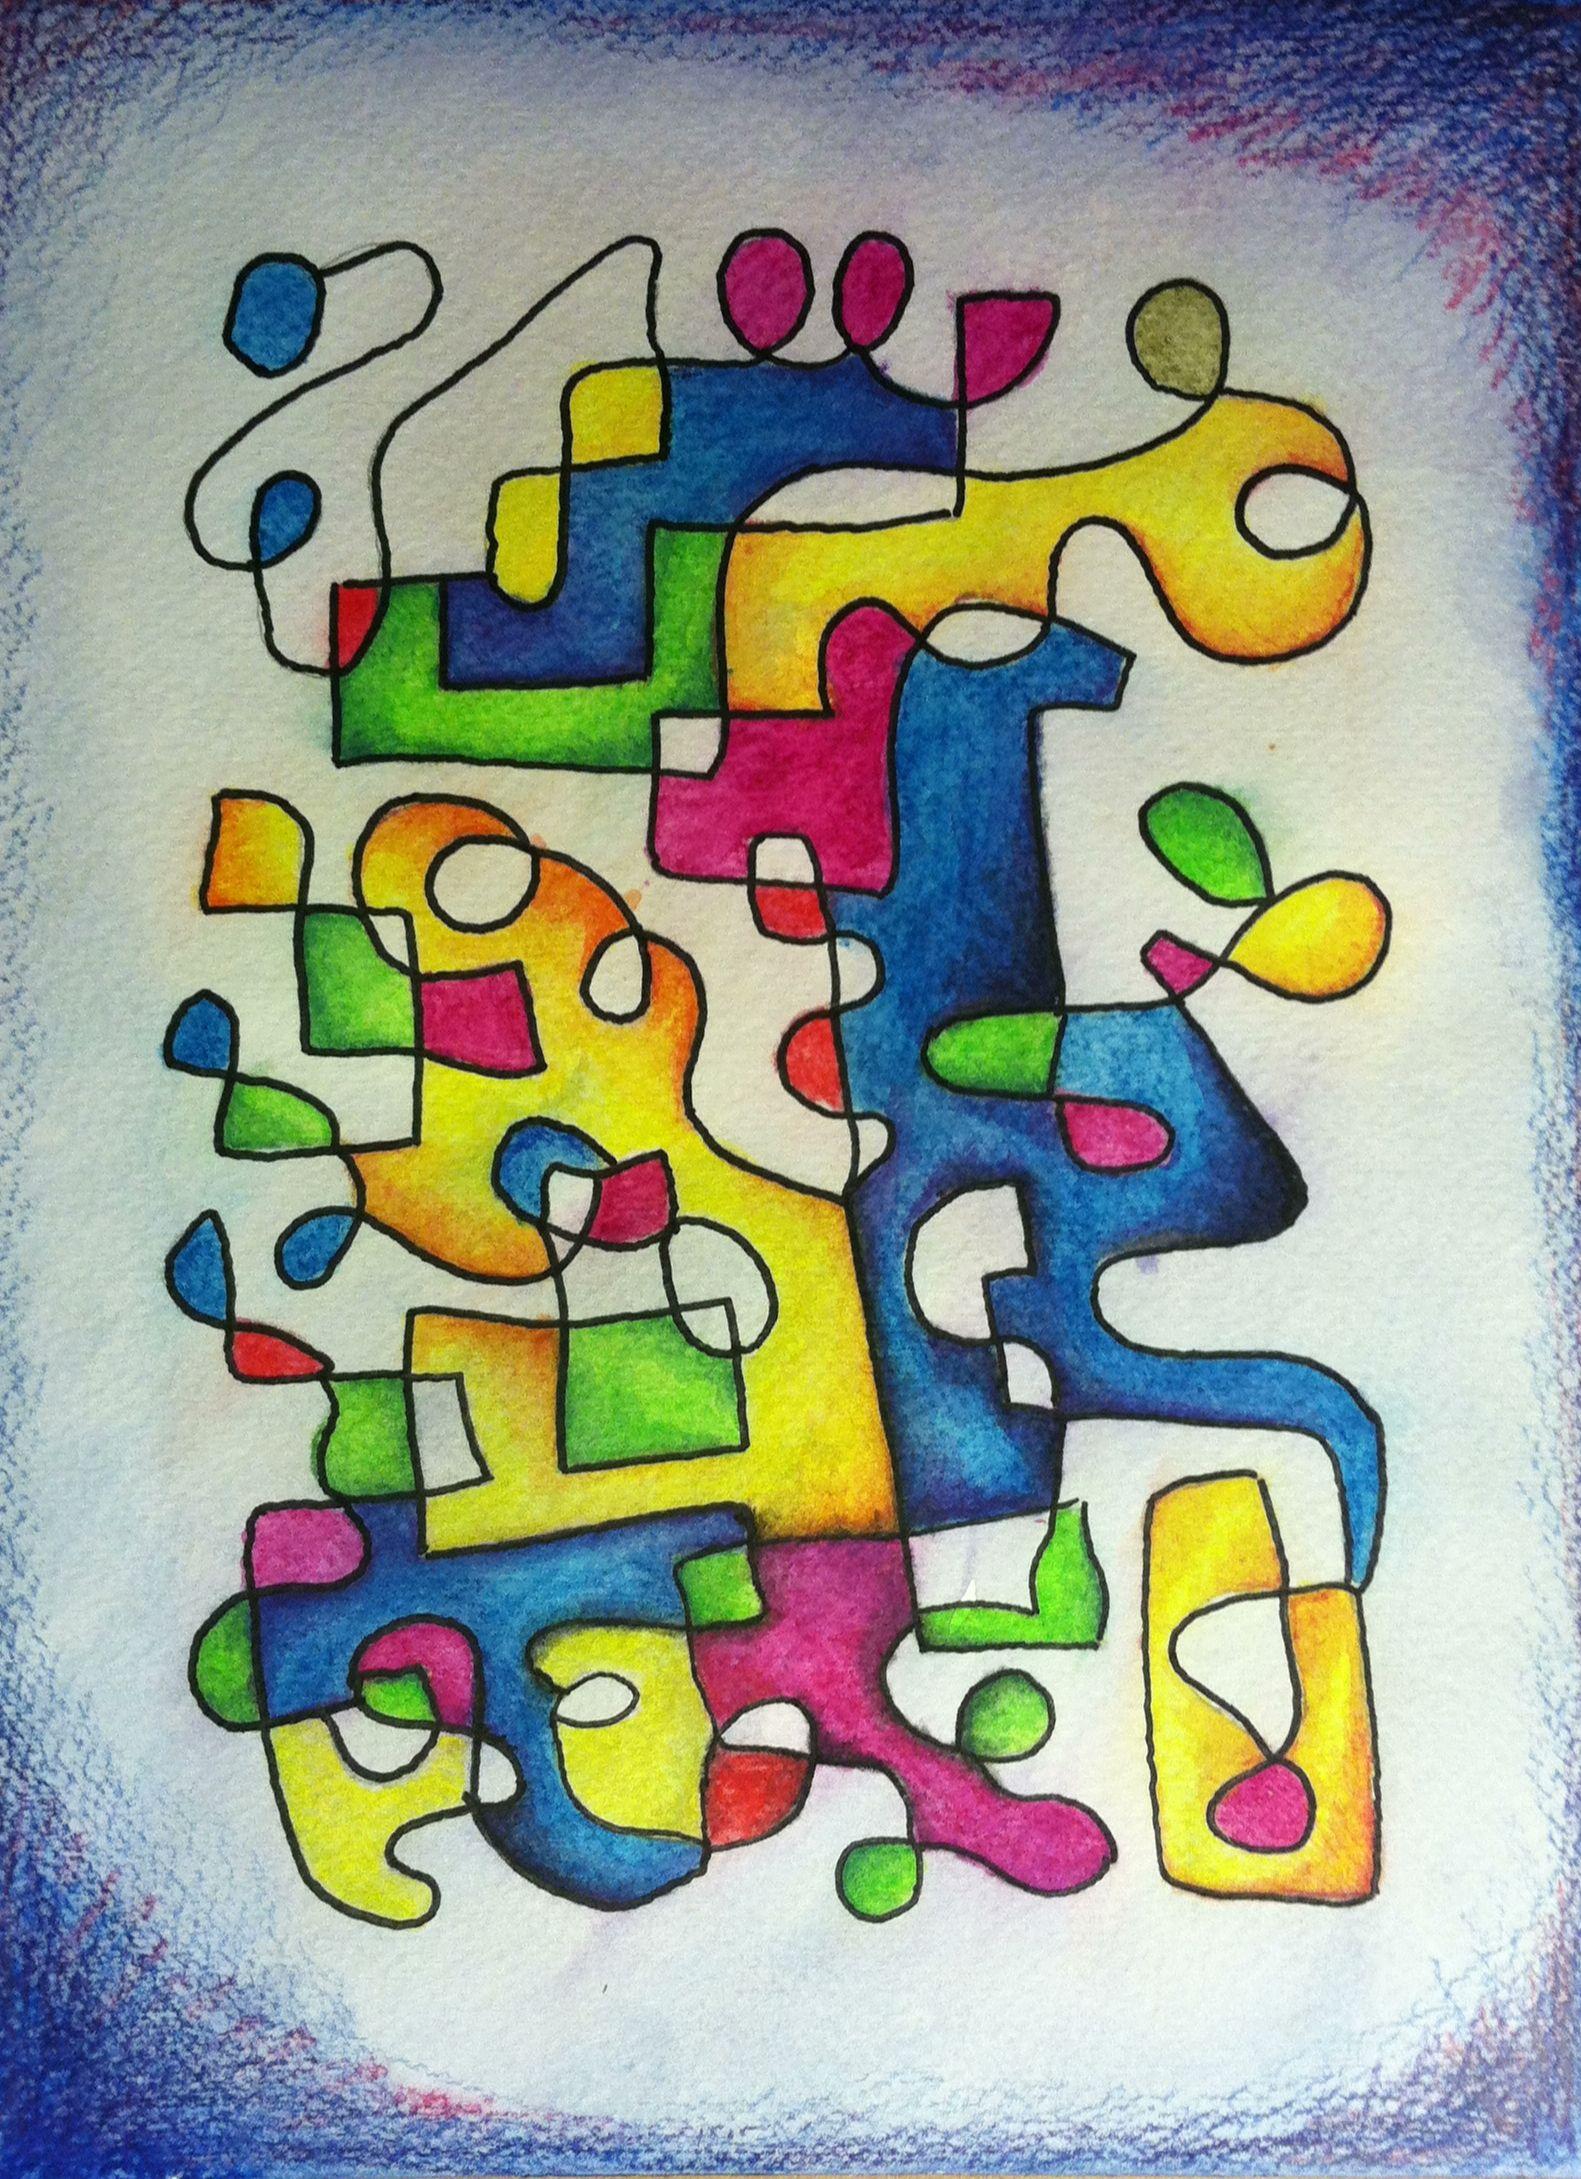 3. Piirrä mustalla tussilla yksi kiemurteleva, pitkä viiva. Täytä viivan muodostamat kuviot puuväreillä tai akvarellipuuväreillä.